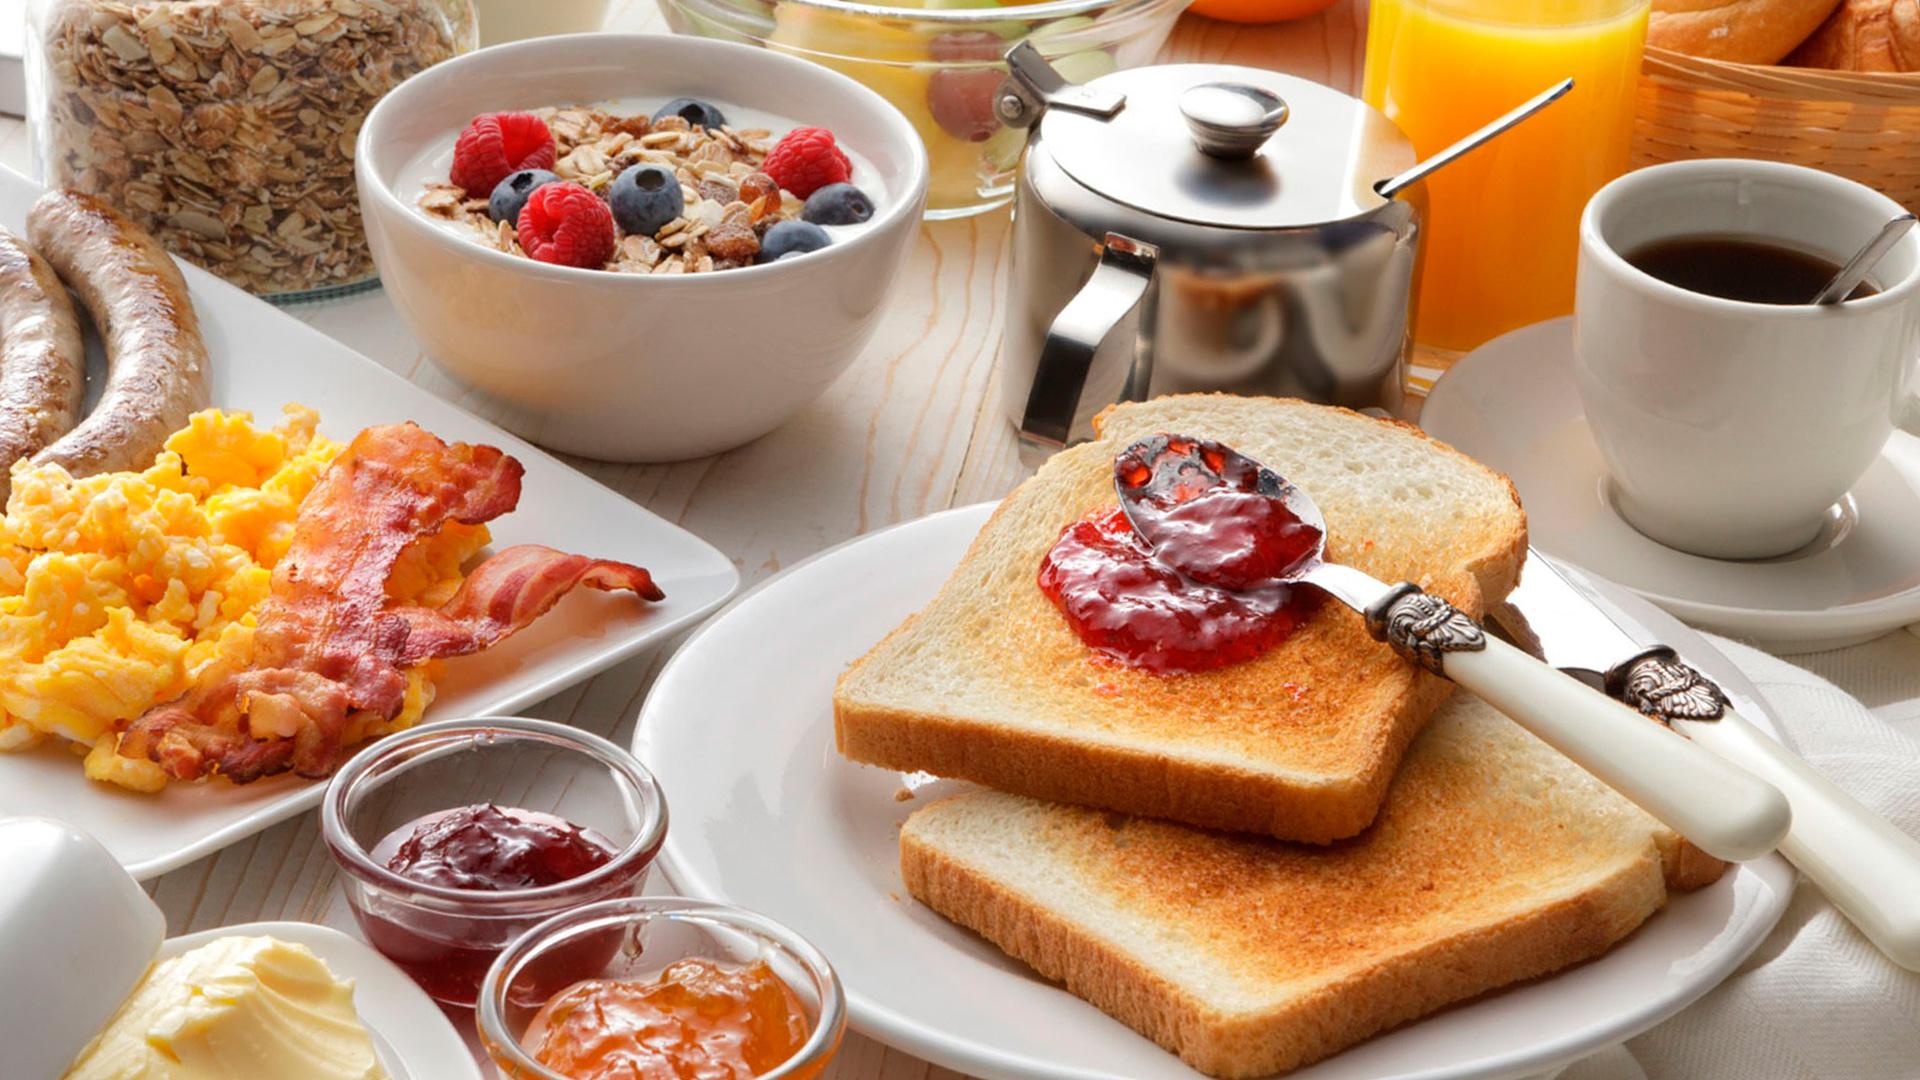 Desayunando con Smeg